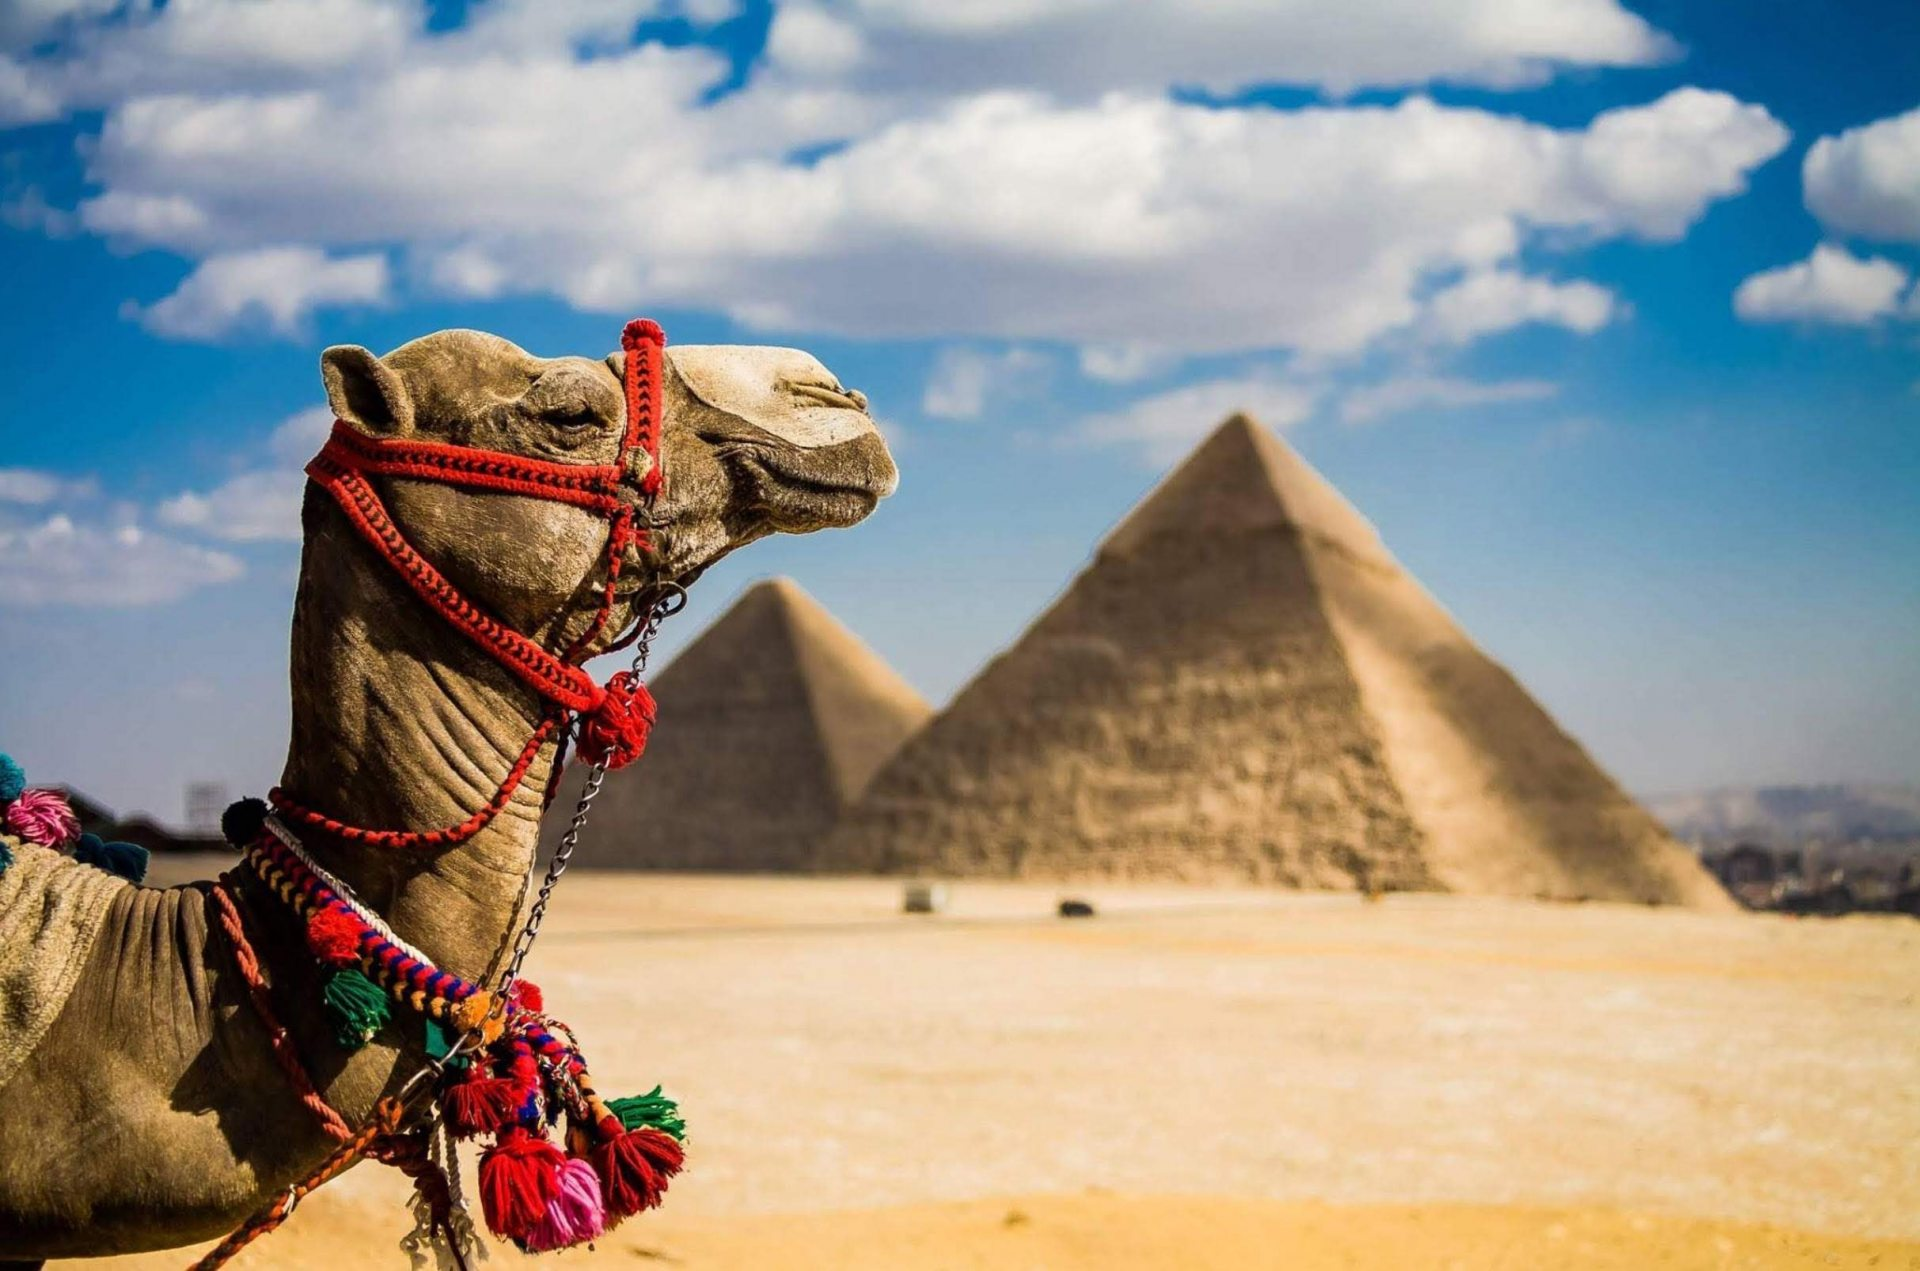 Египет ужесточает проверку украинских туристов на коронавирус